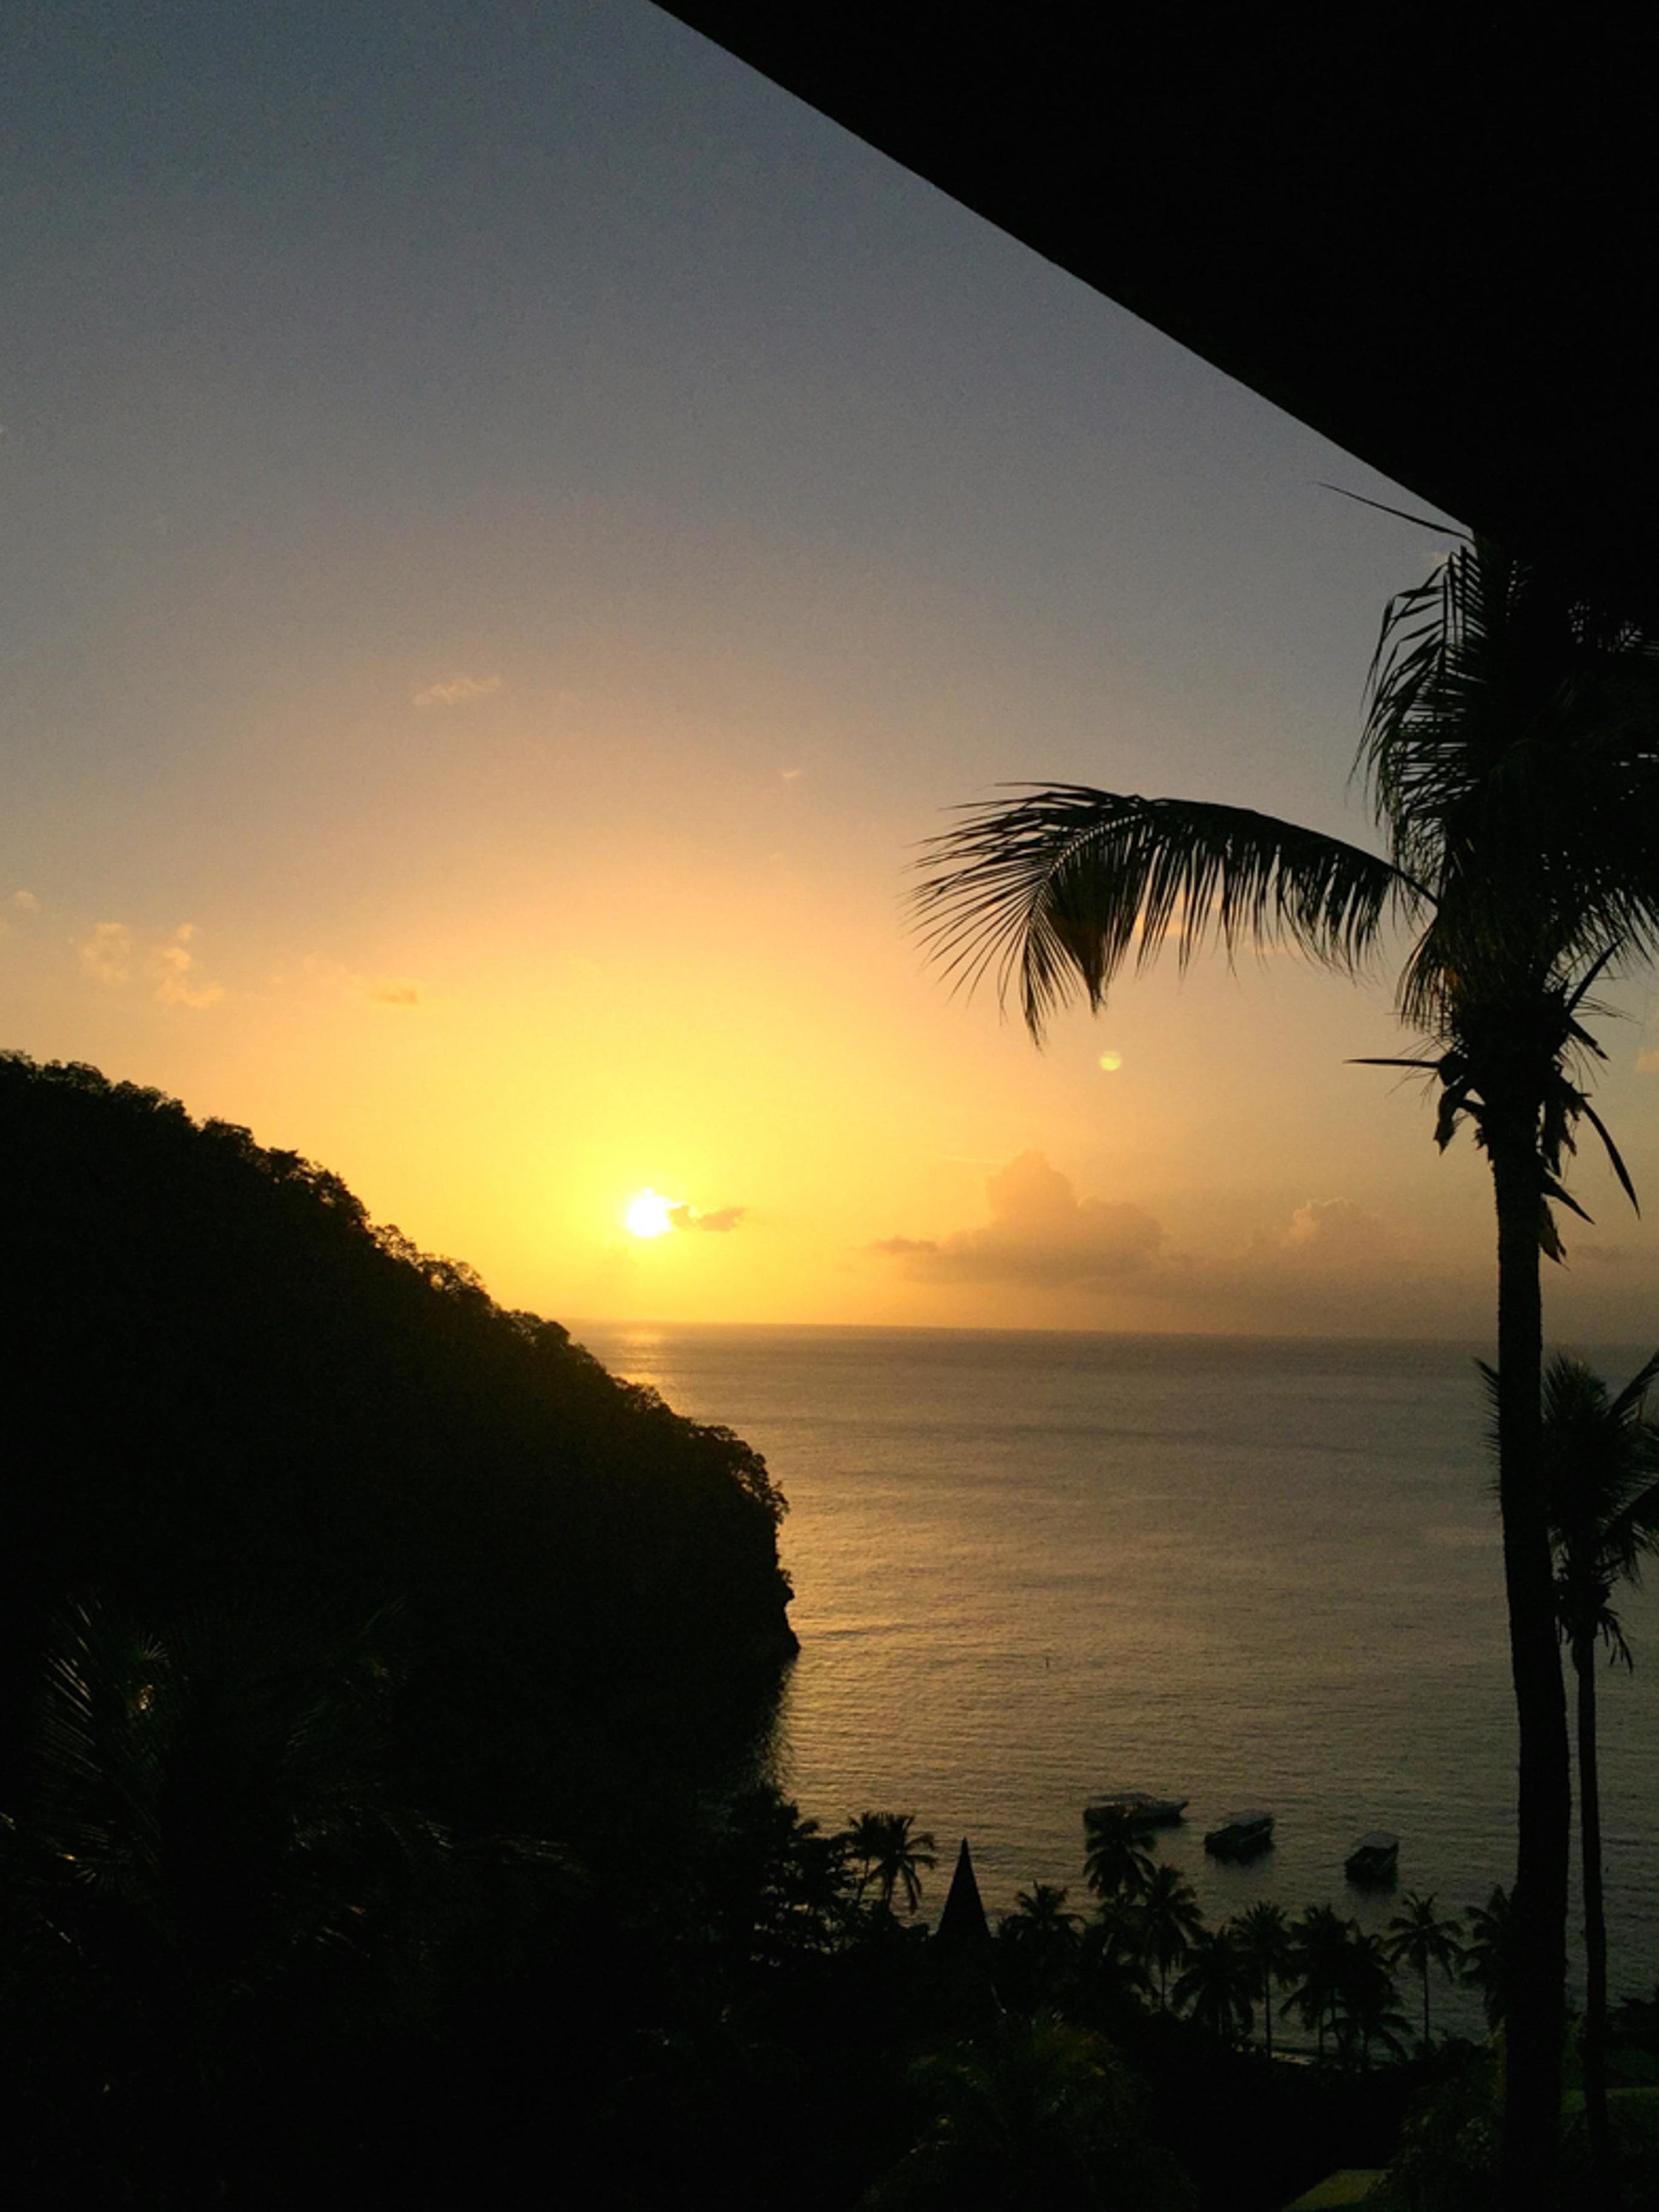 Sonnenuntergang auf St. Lucia